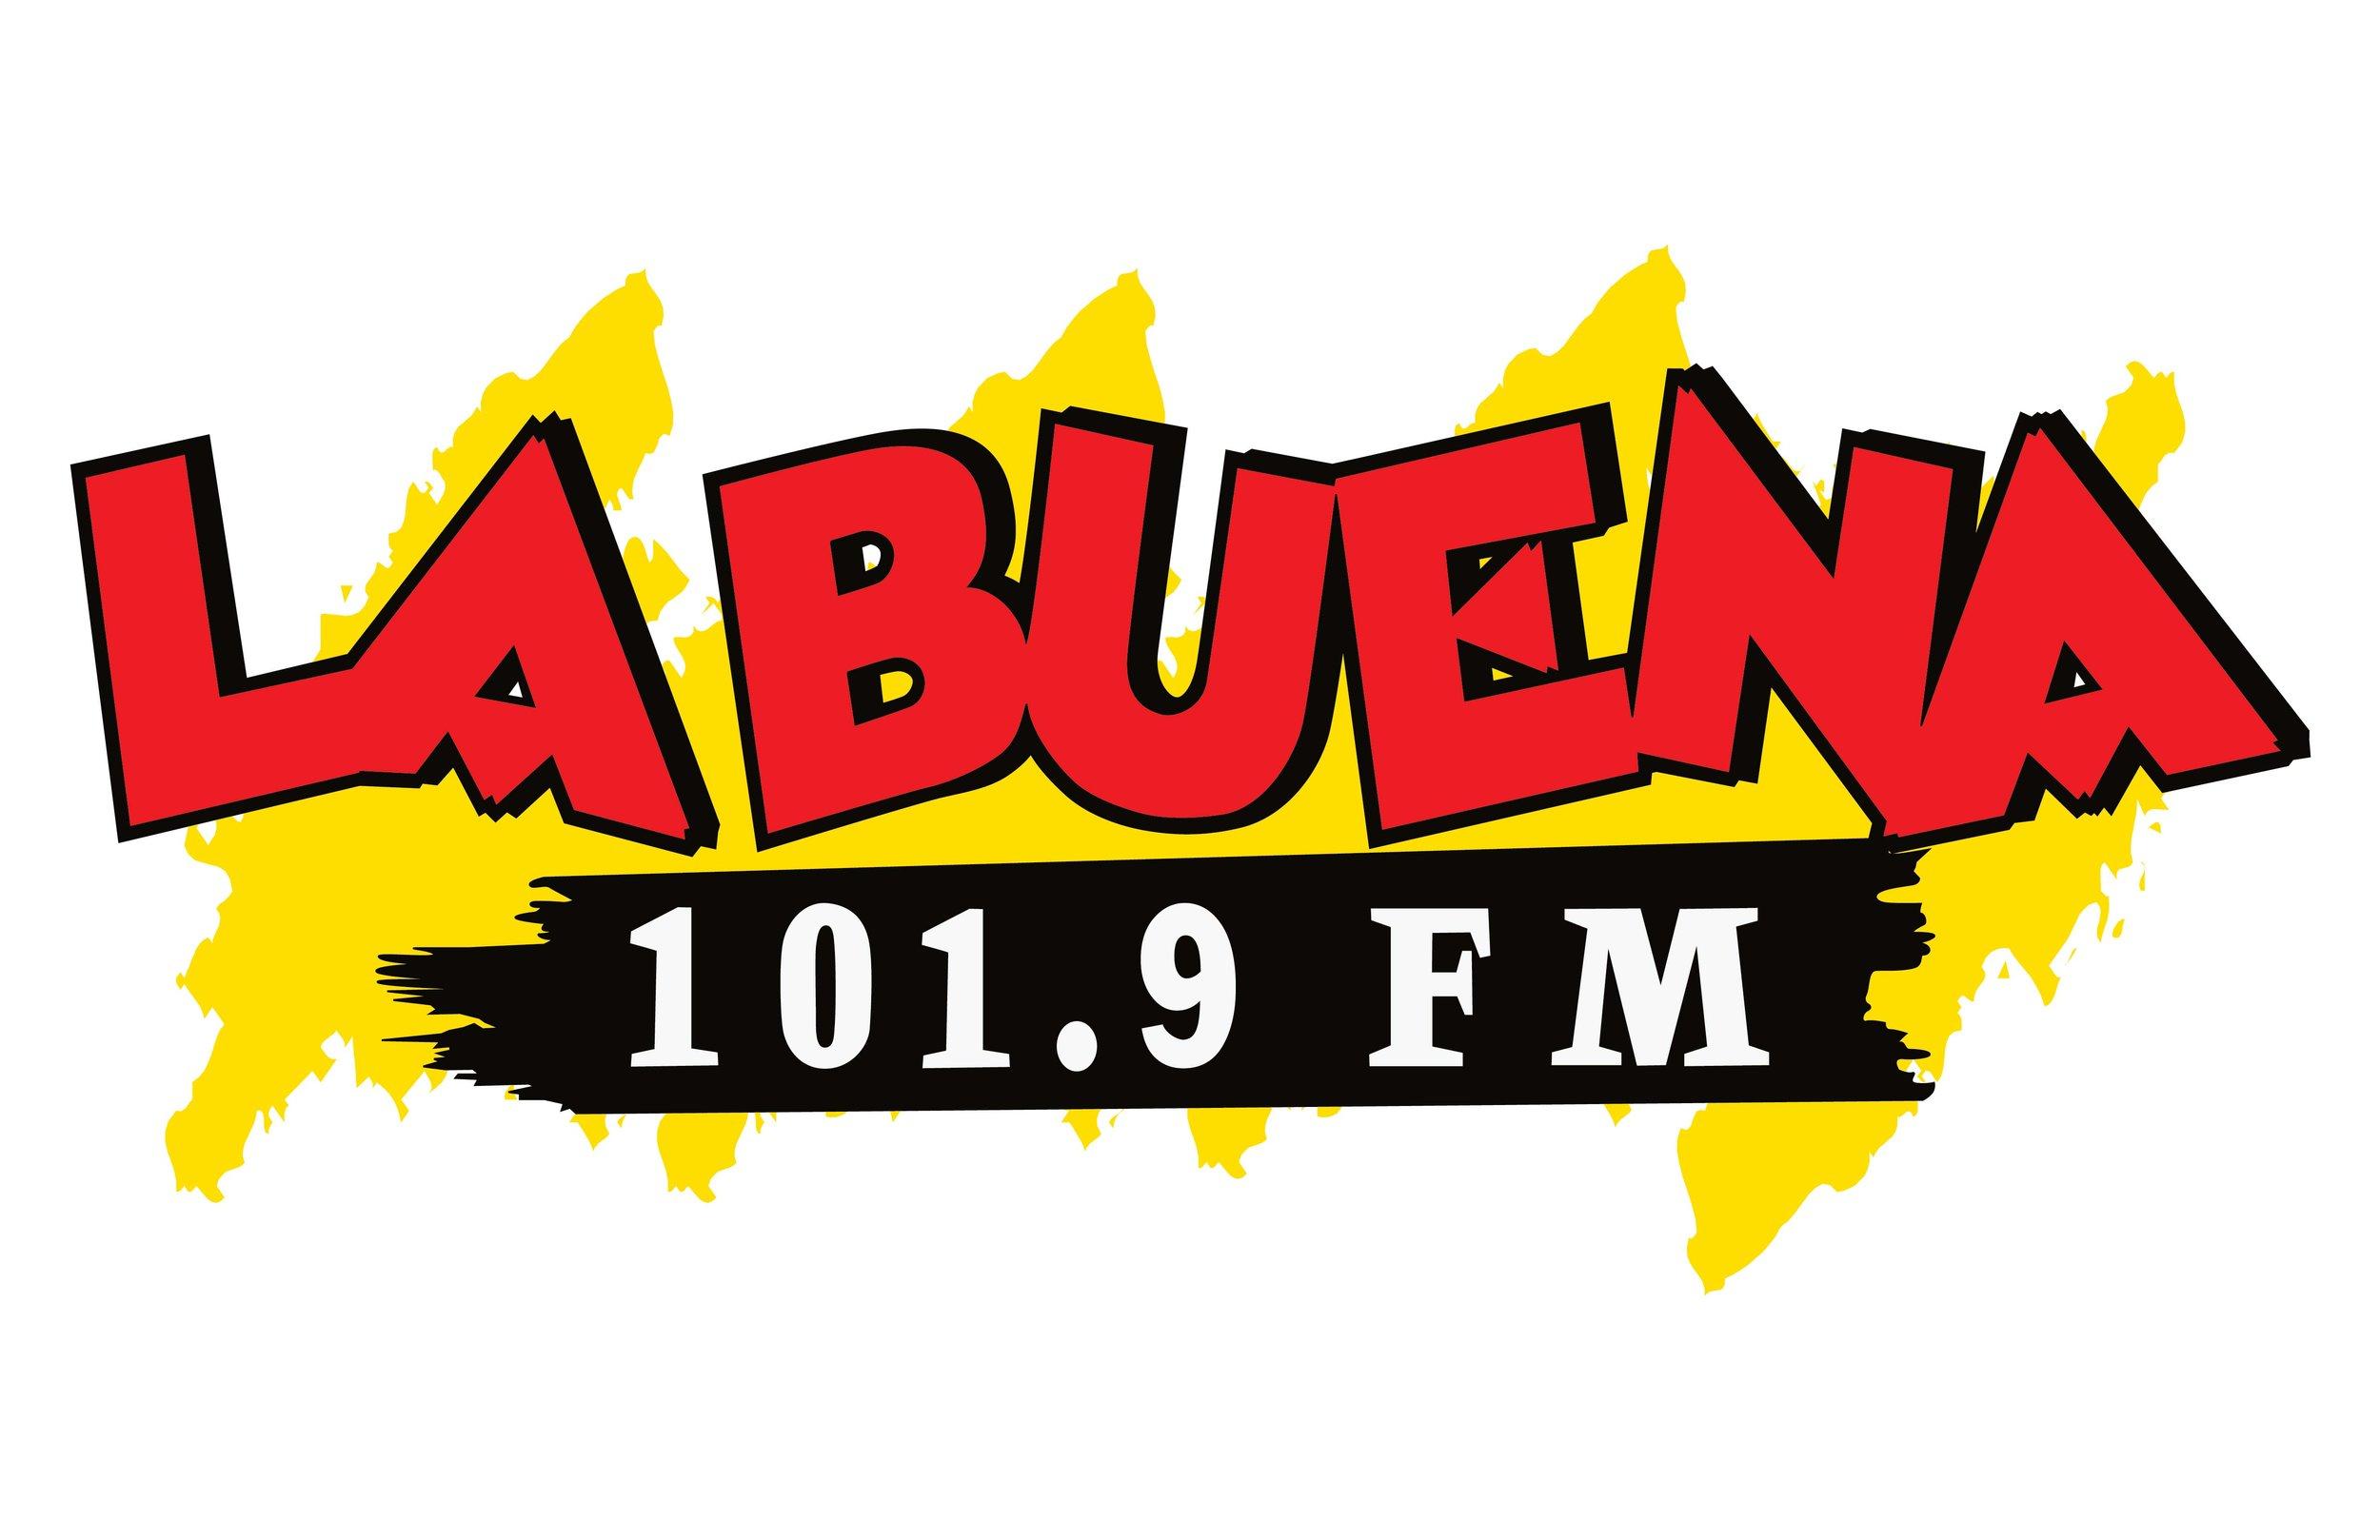 KLBN 101.9 FM - Fresno, CA - Mexican Regional